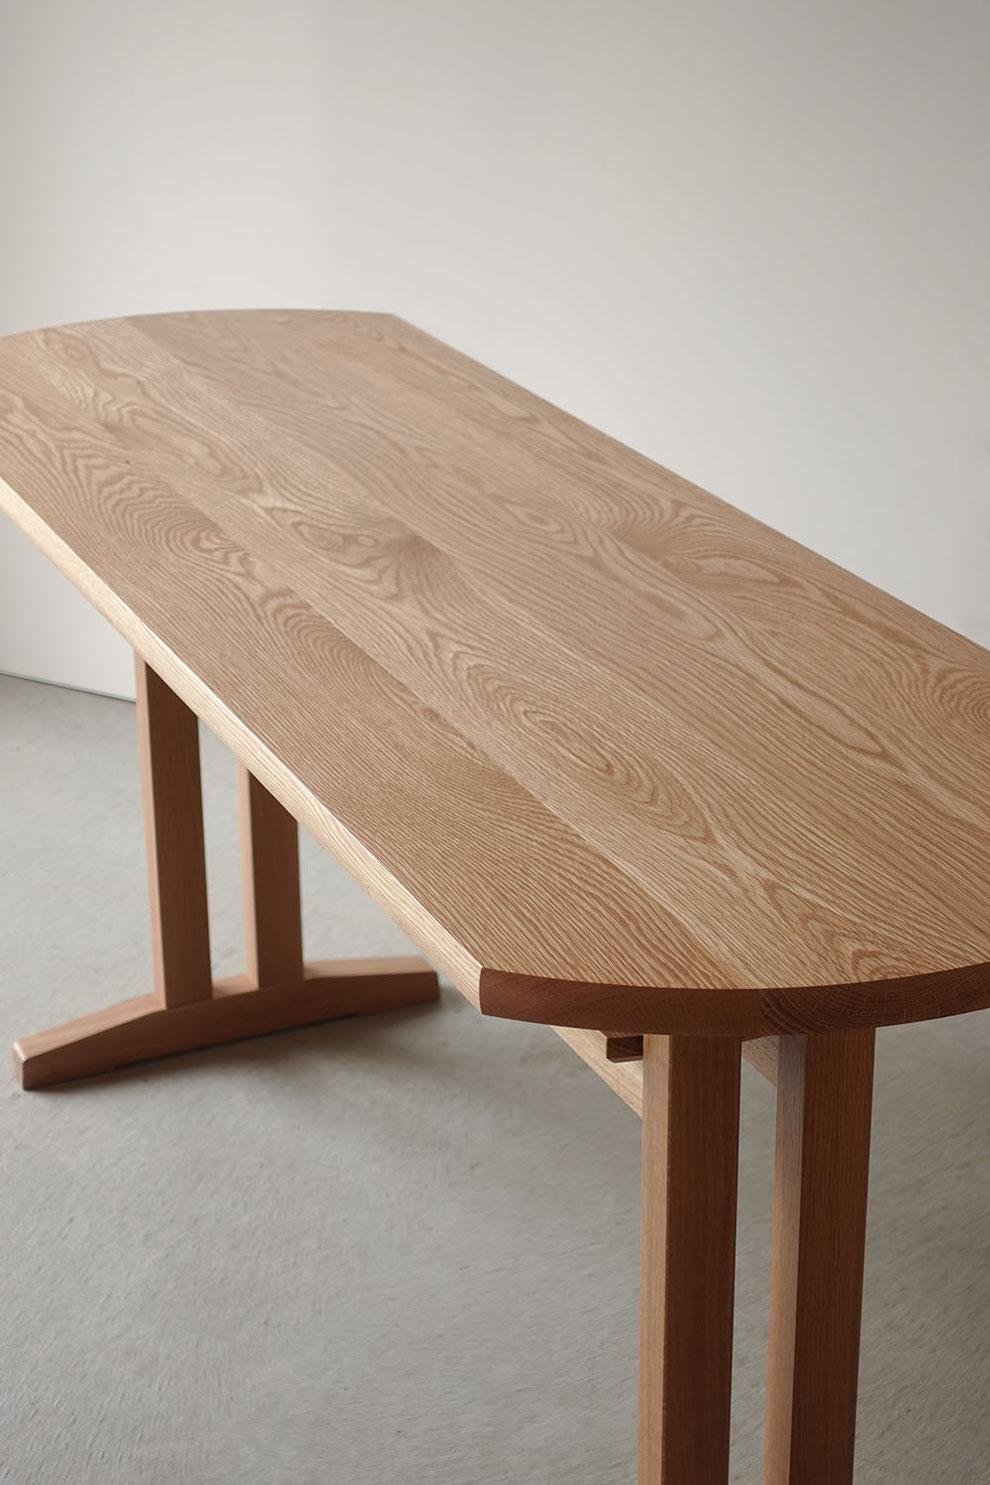 ナラ無垢材で作ったダイニングテーブルの天板